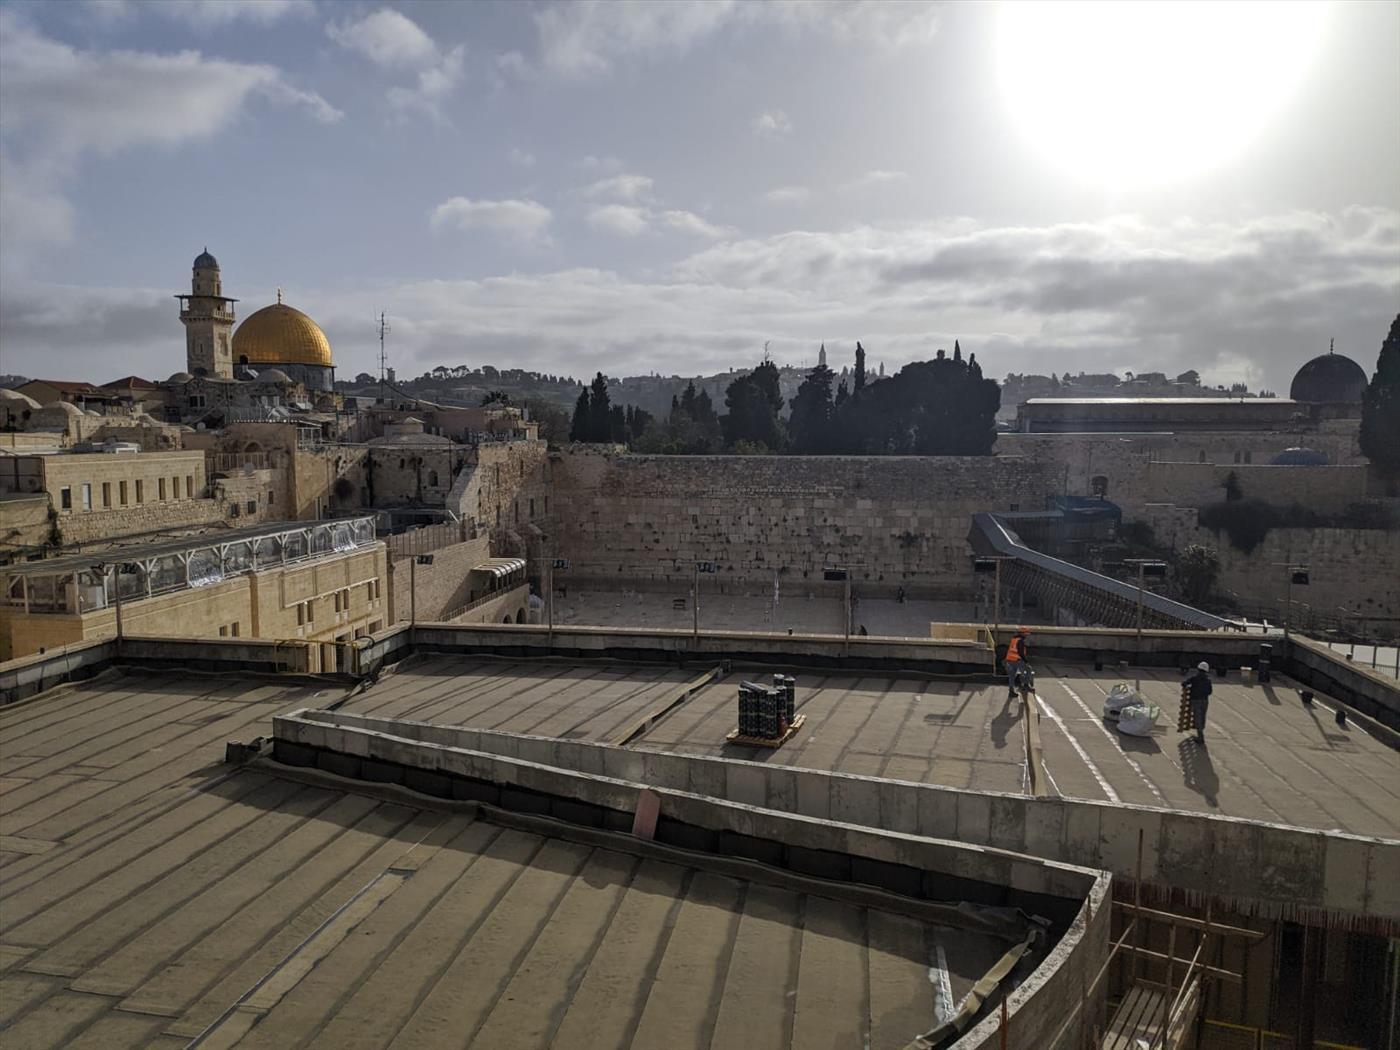 במקום קורבן פסח: סגר מלא ברחבי ירושלים